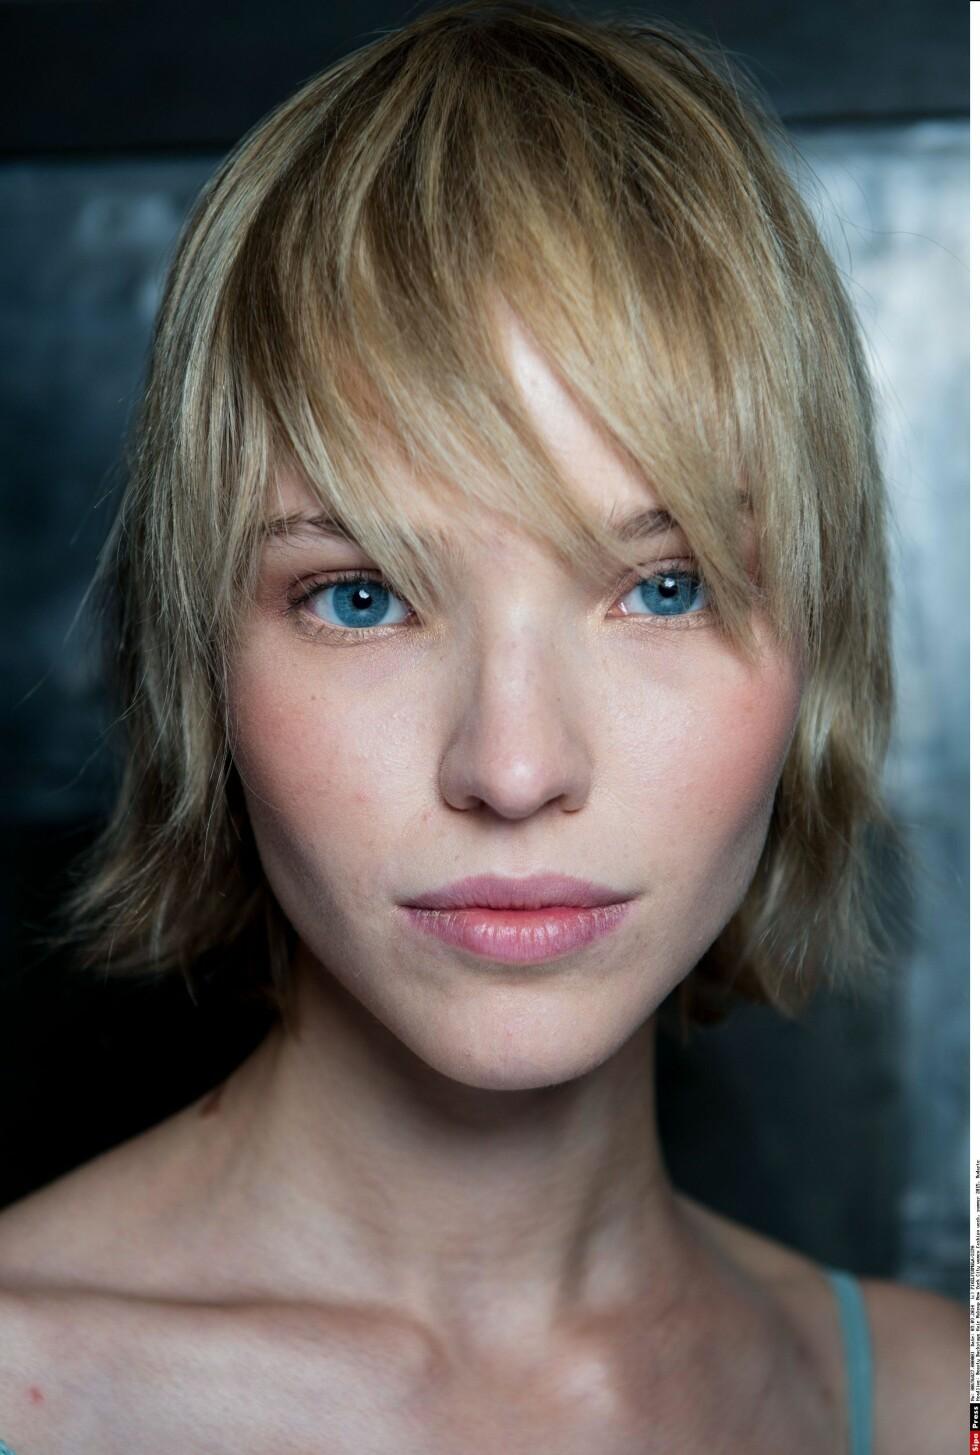 En mellomkort frisyre, som på denne modellen hos designeren Rodarte, er perfekt for nordisk, tynt hår.  Foto: All Over Press